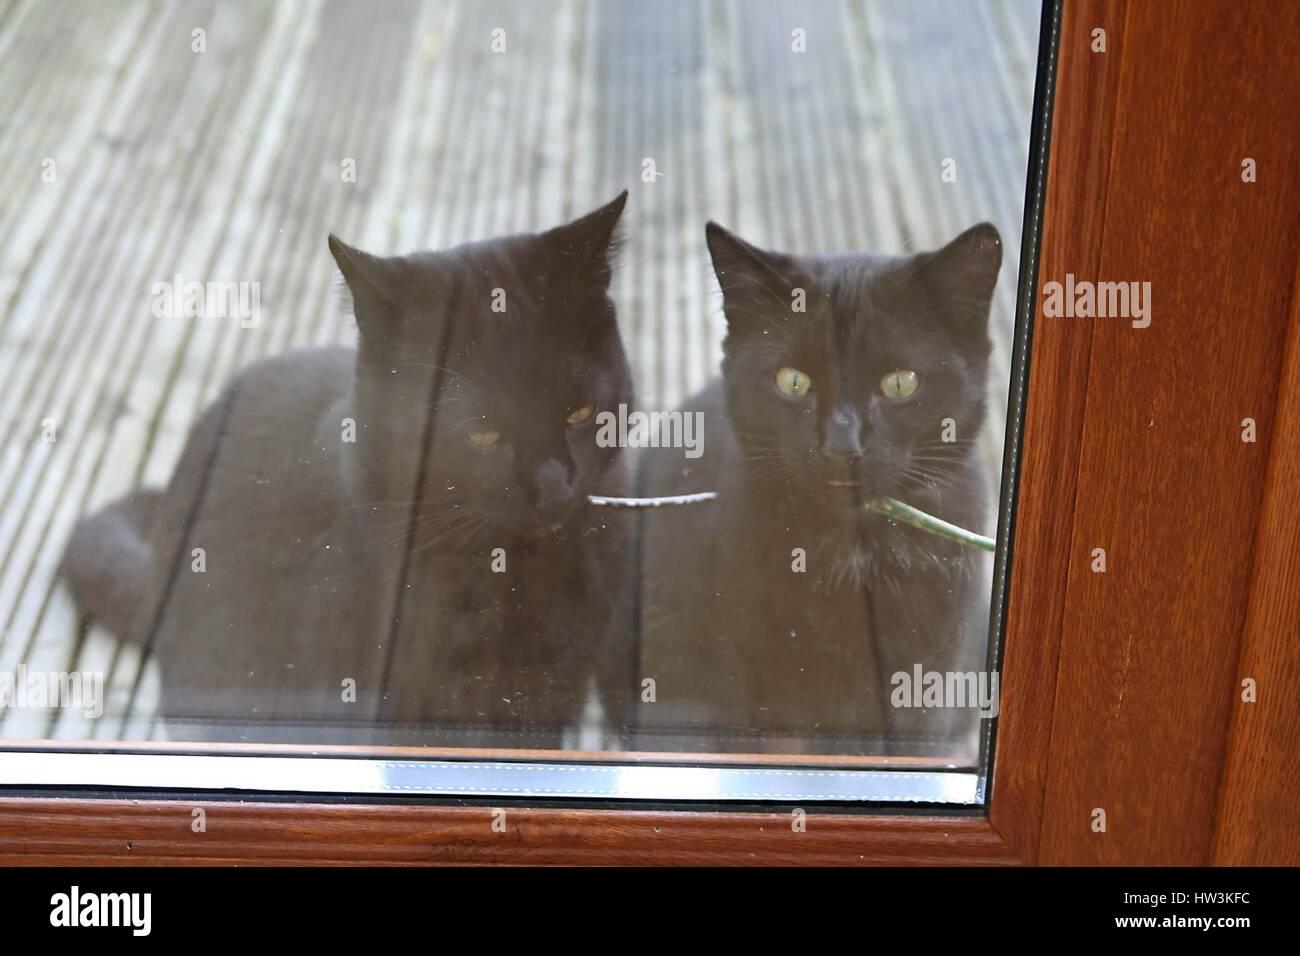 2 black cats looking, glass door cats wearing collars, waiting come in, impatient not happy grumpy, black cat concept - Stock Image